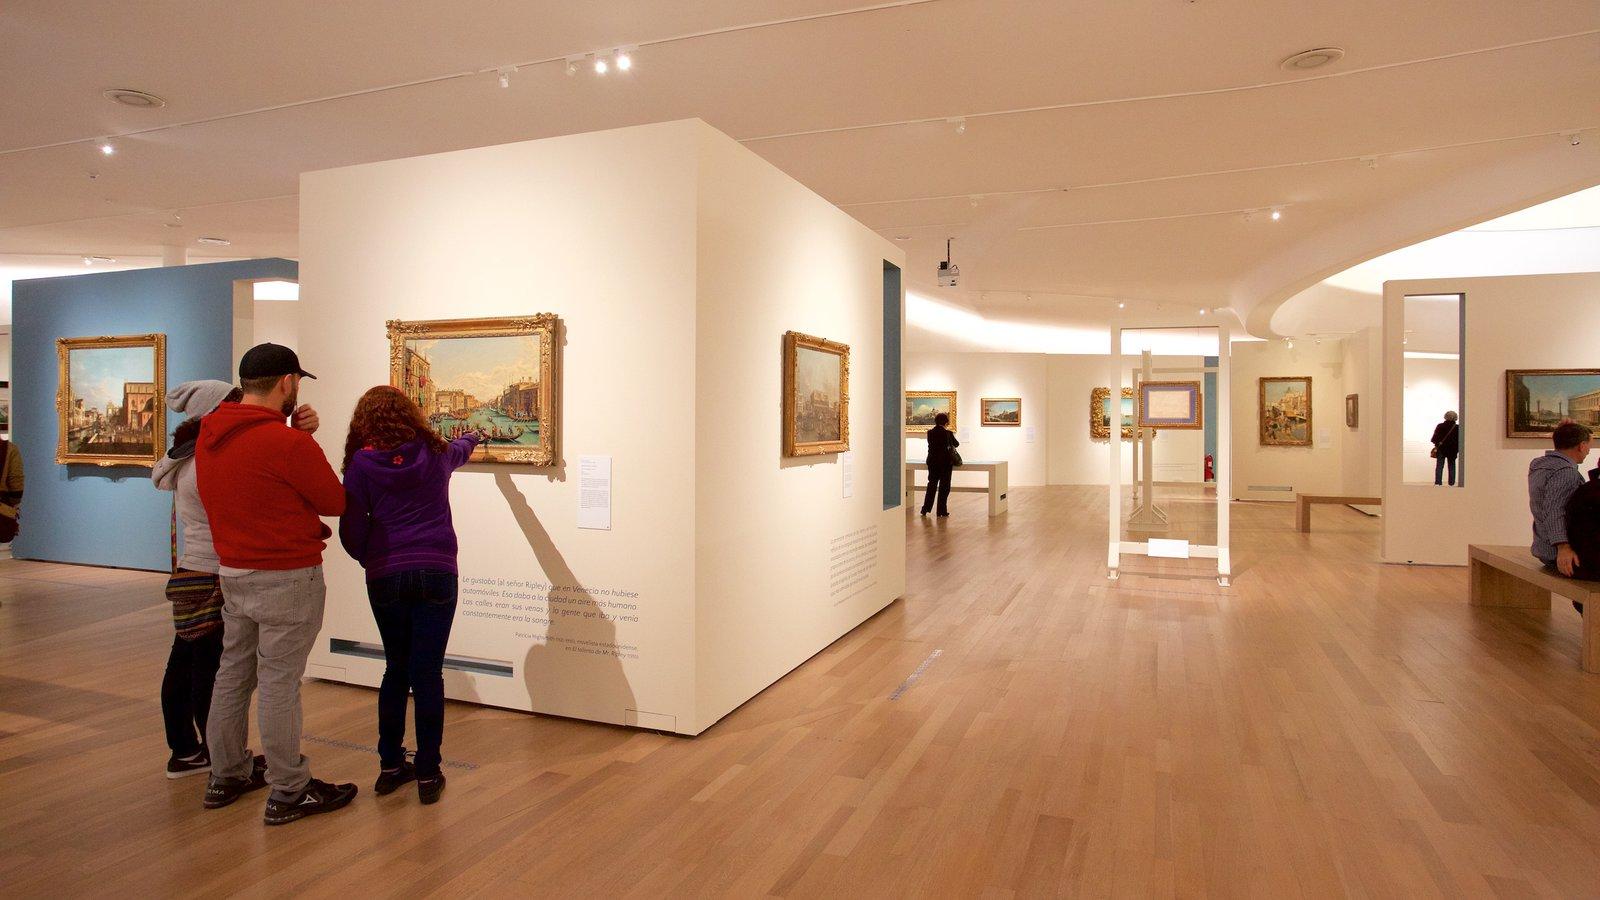 Museo Soumaya Showing Art And Interior Views